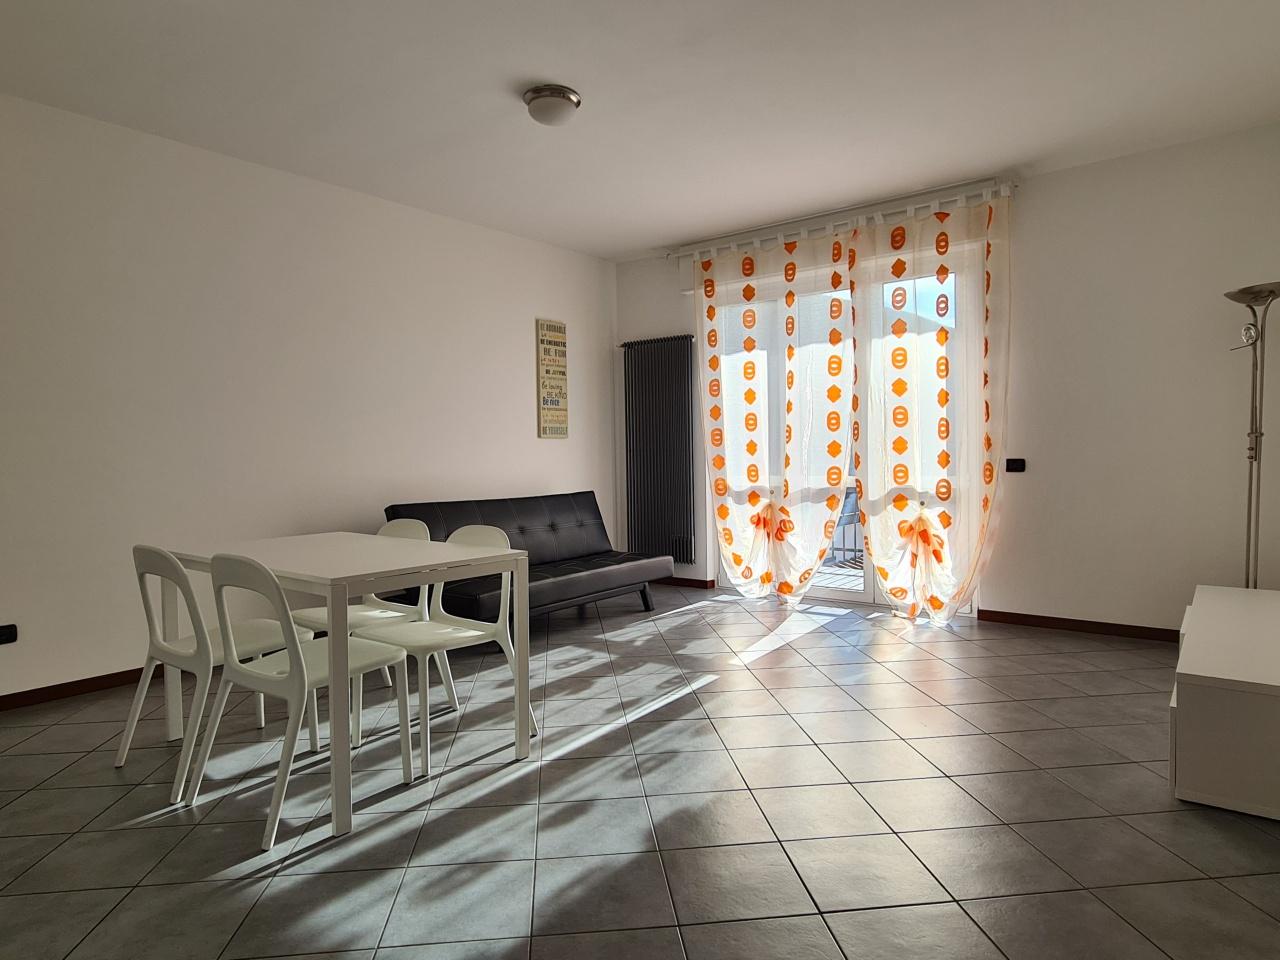 Appartamento in vendita a Caravaggio, 9999 locali, prezzo € 110.000 | PortaleAgenzieImmobiliari.it